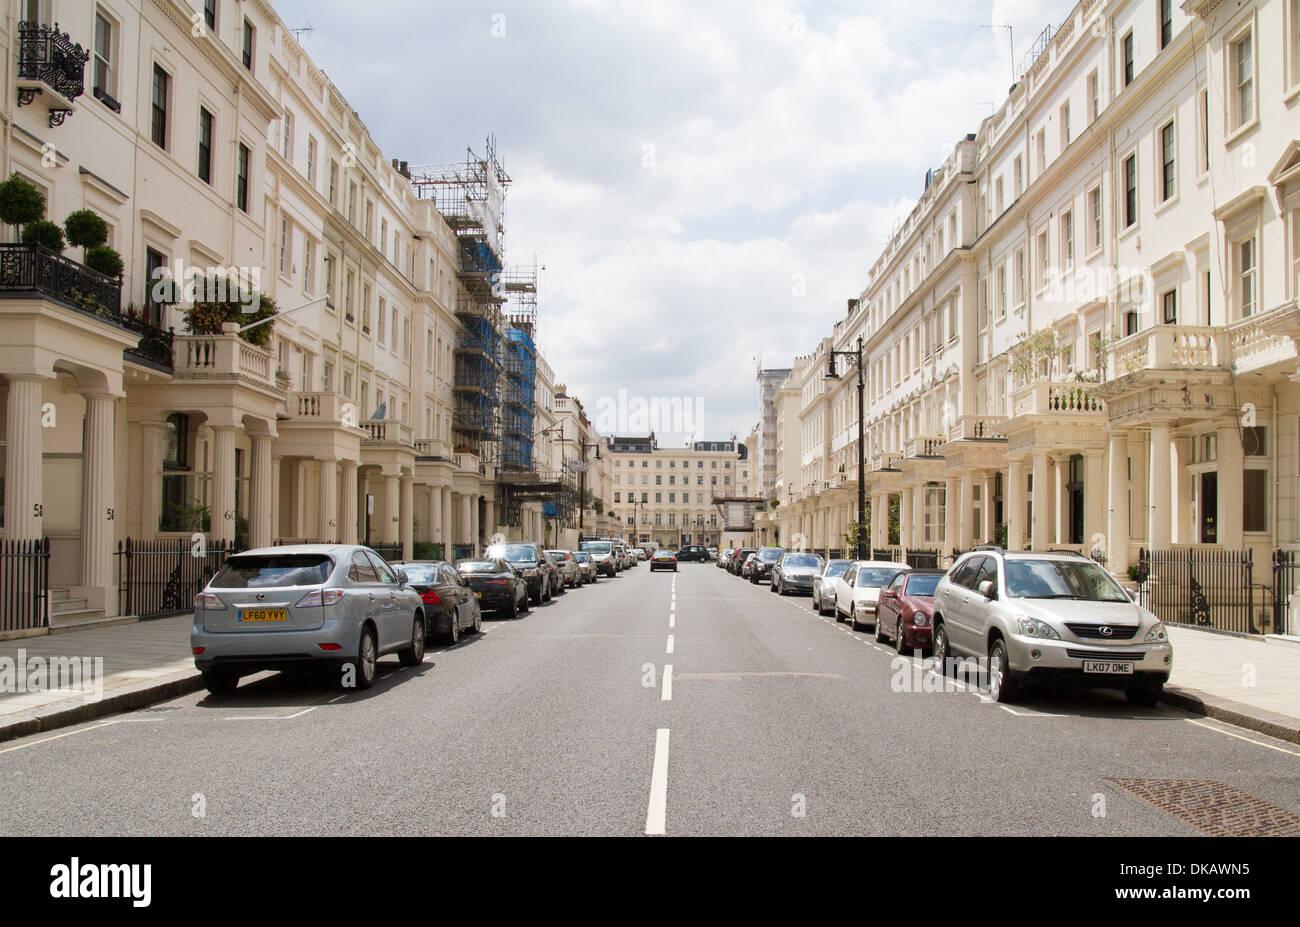 Eine wohlhabende terrassenförmig angelegten Straße in West-London Stockbild